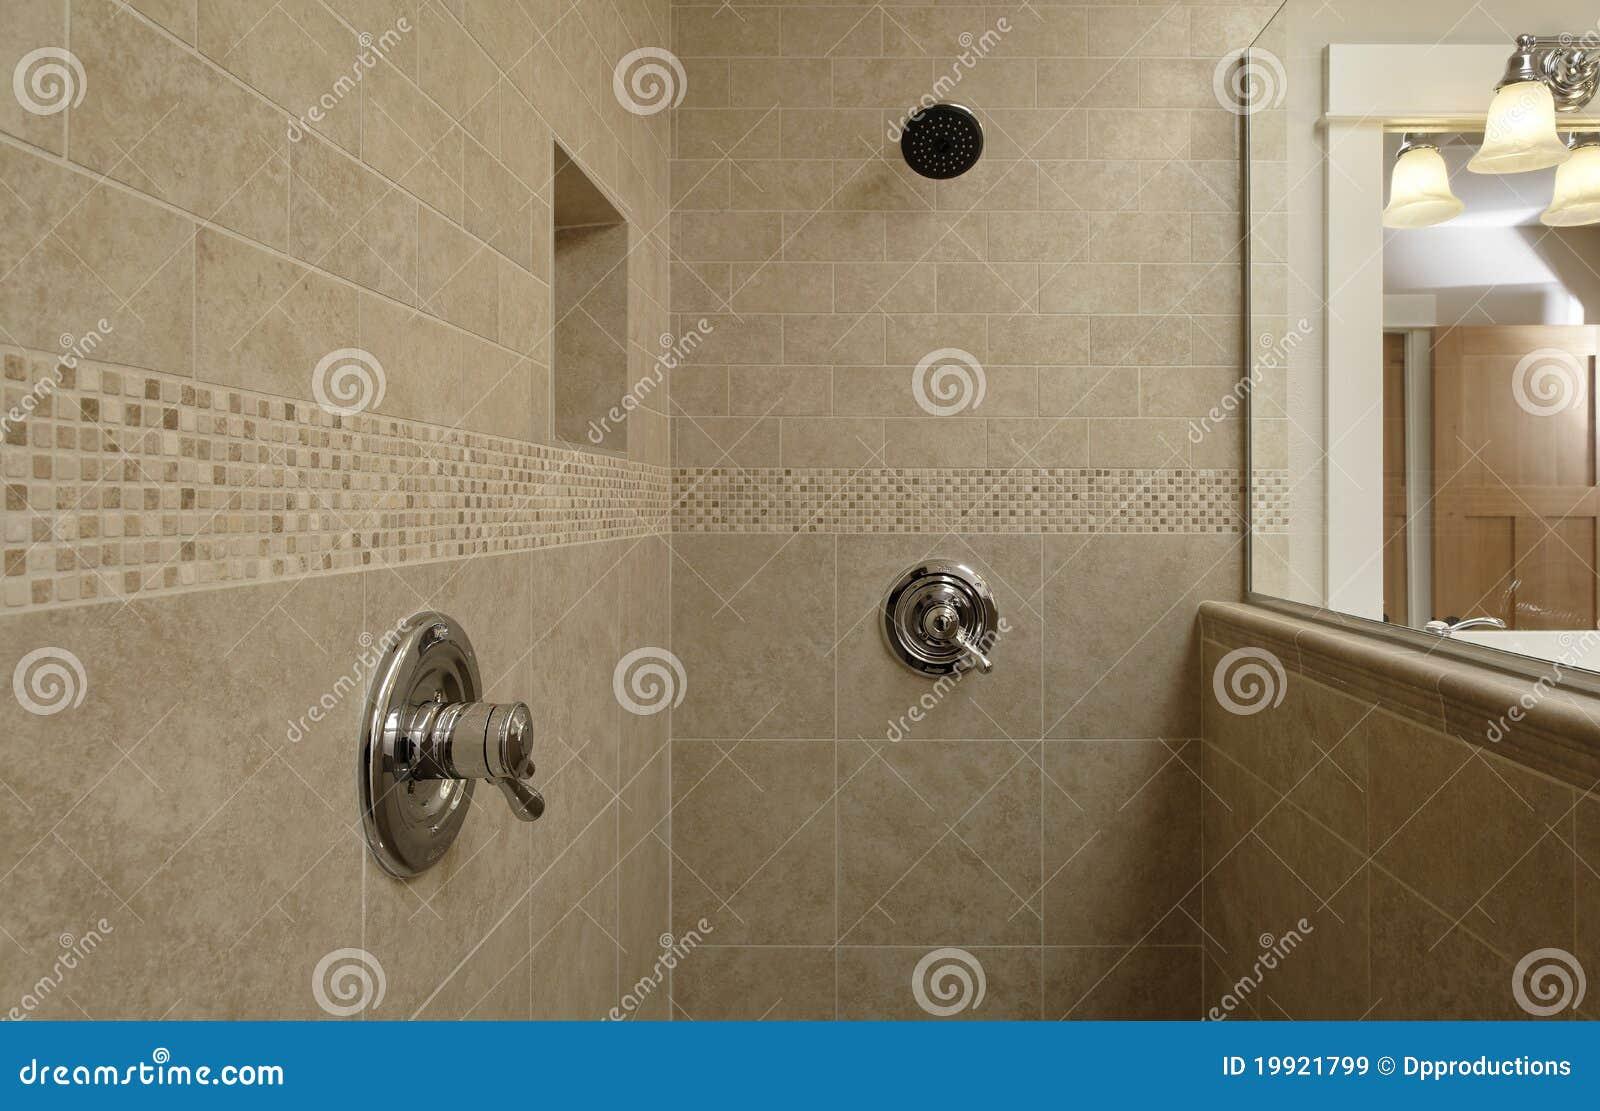 Het dubbele gebied van de douche van de controle royalty vrije stock afbeeldingen afbeelding - Douche italiaanse muur ...